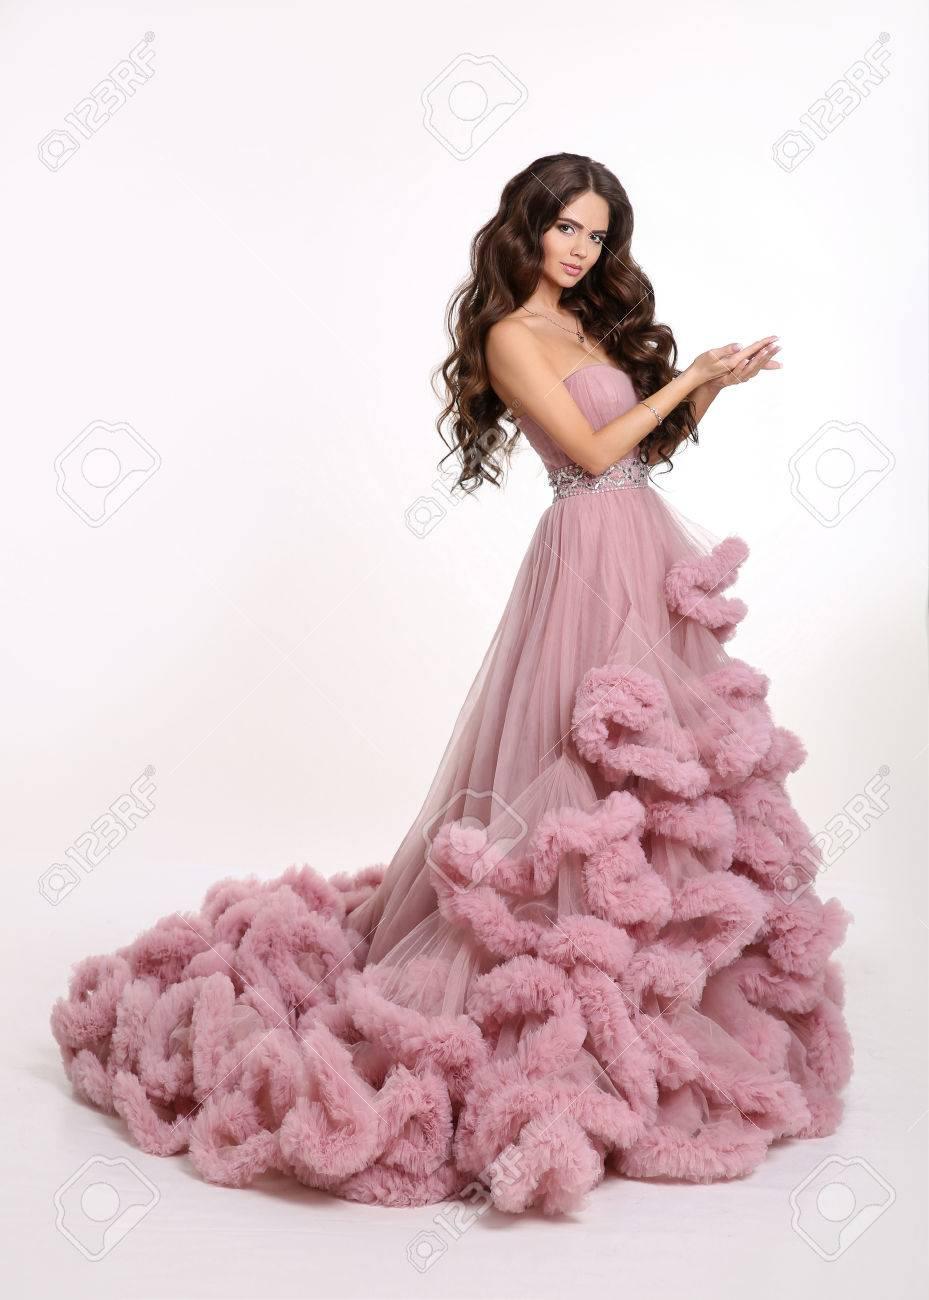 Chica Hermosa Dama En Lujoso Vestido Rosa Exuberante Forme A La Mujer Morena En La Presentación Hermosa Del Vestido Largo Aislada En El Fondo Blanco